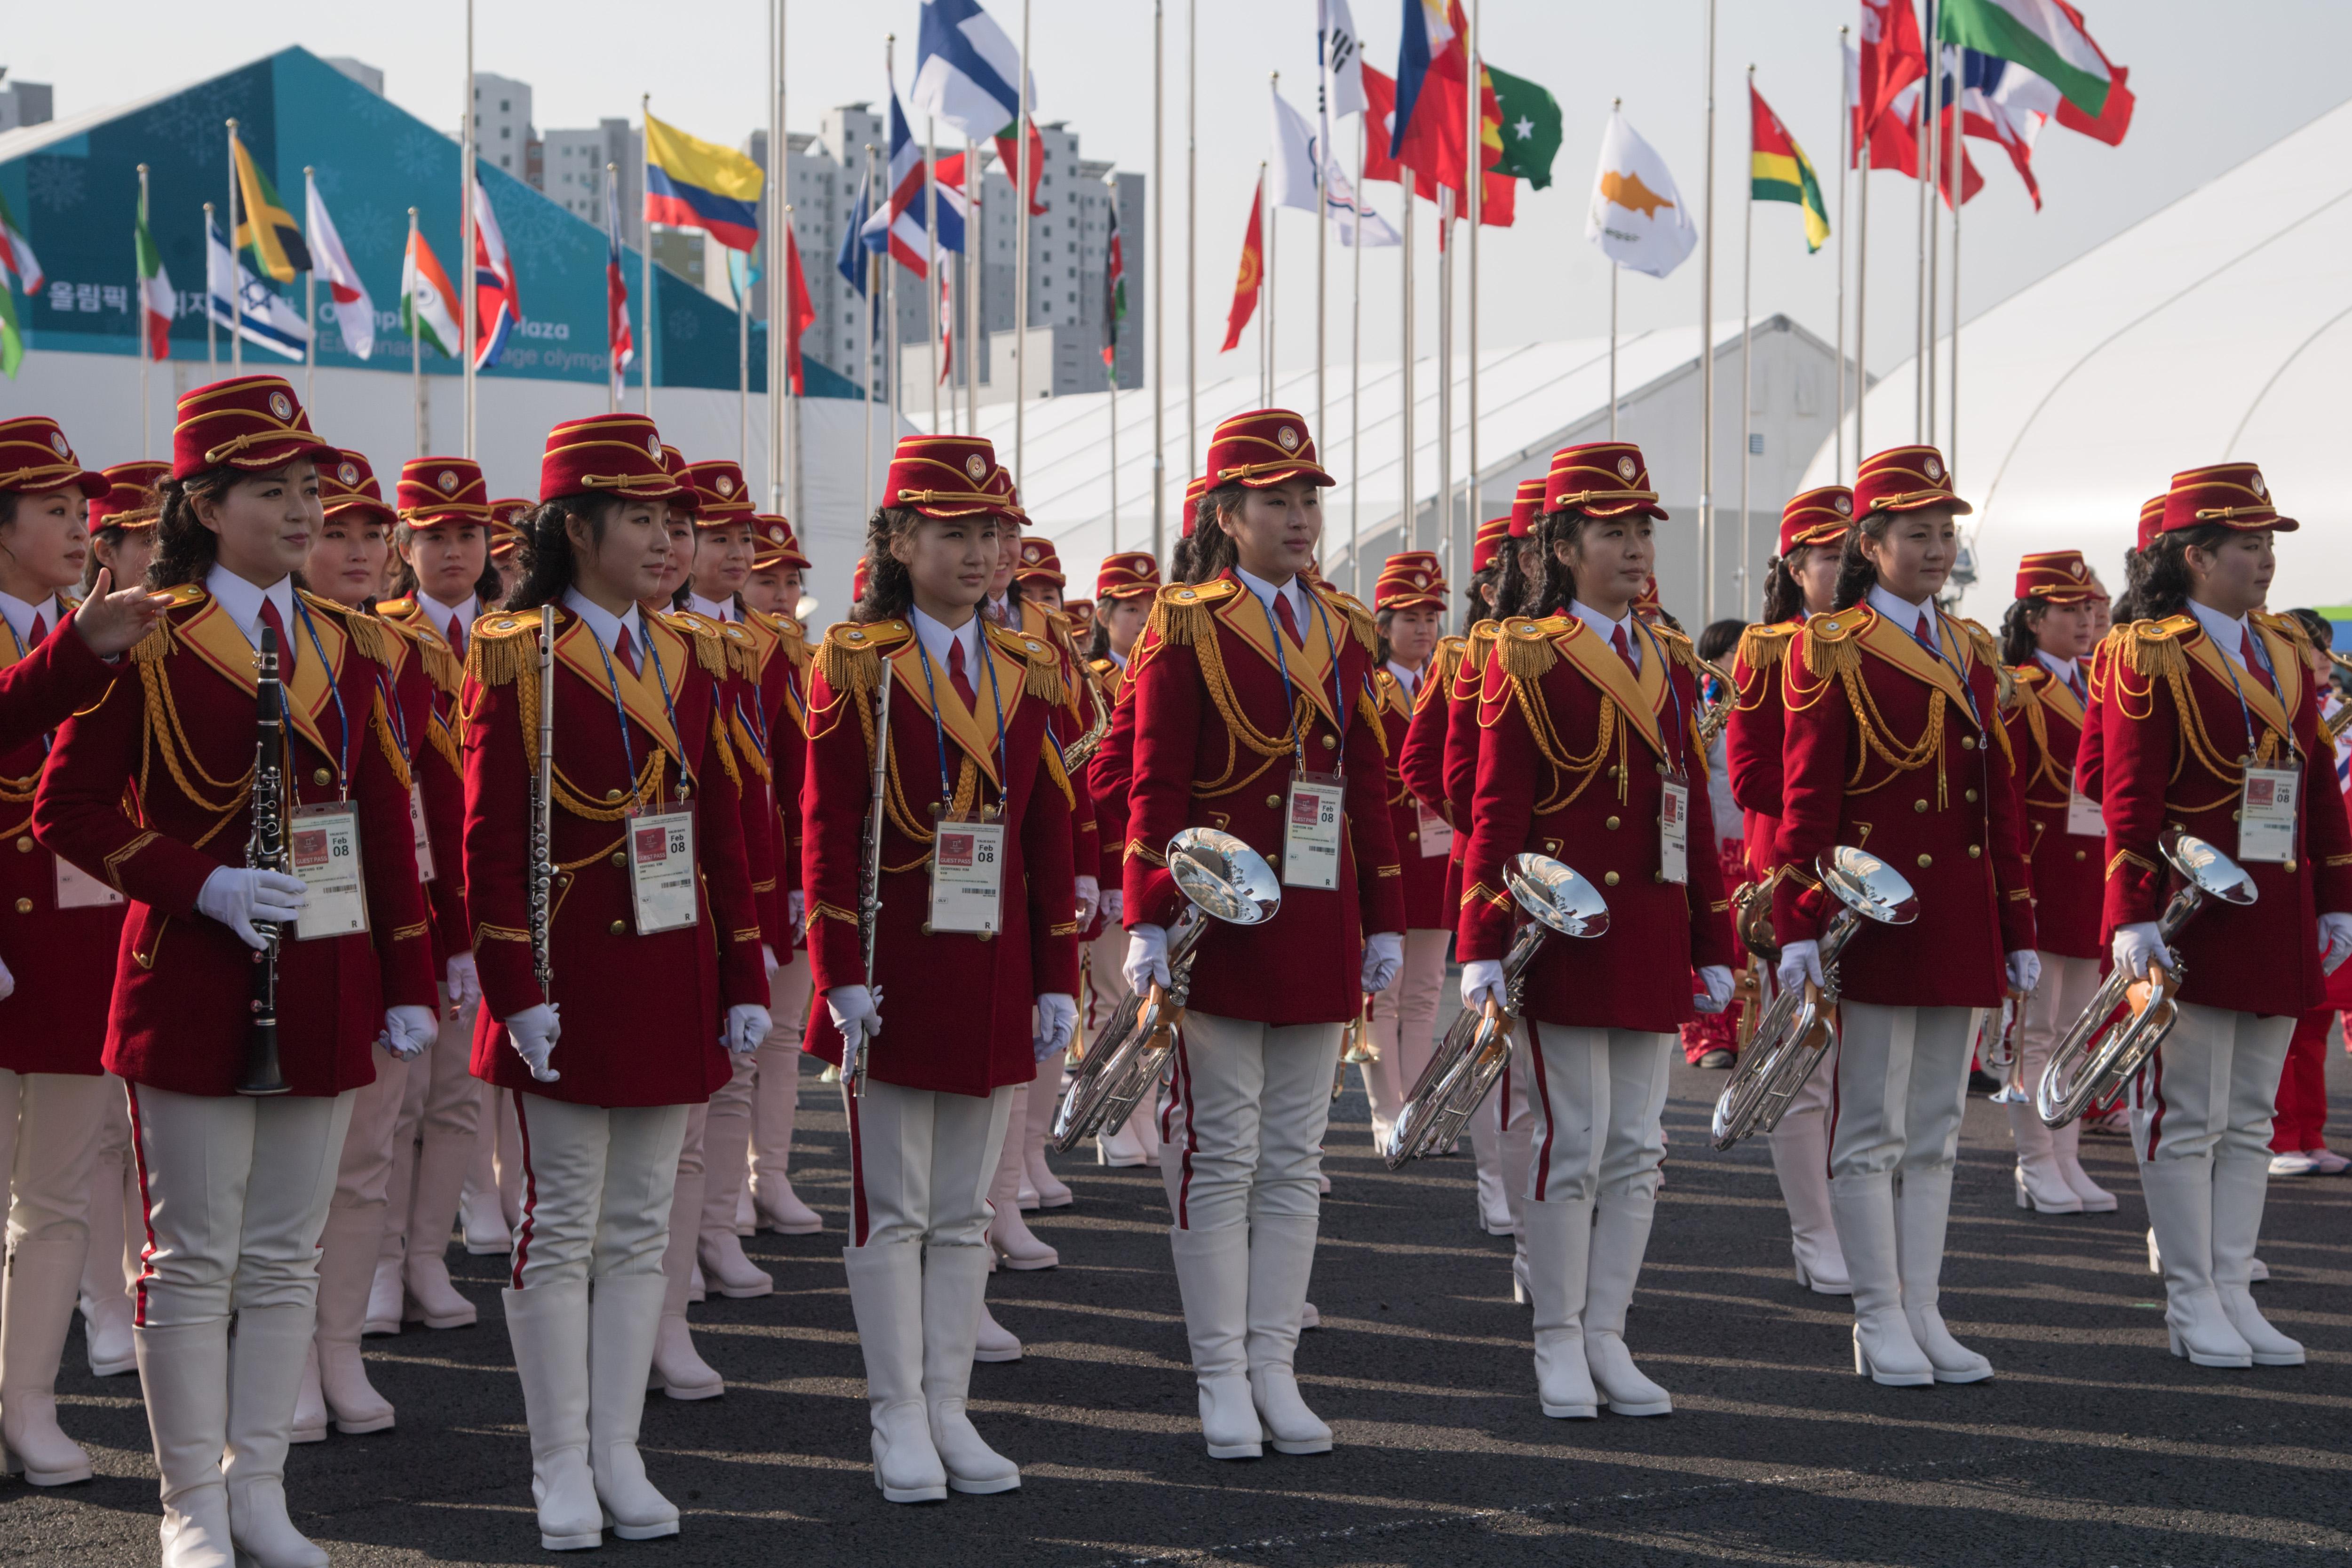 North Korea at the Olympics: Appearances vs. Reality